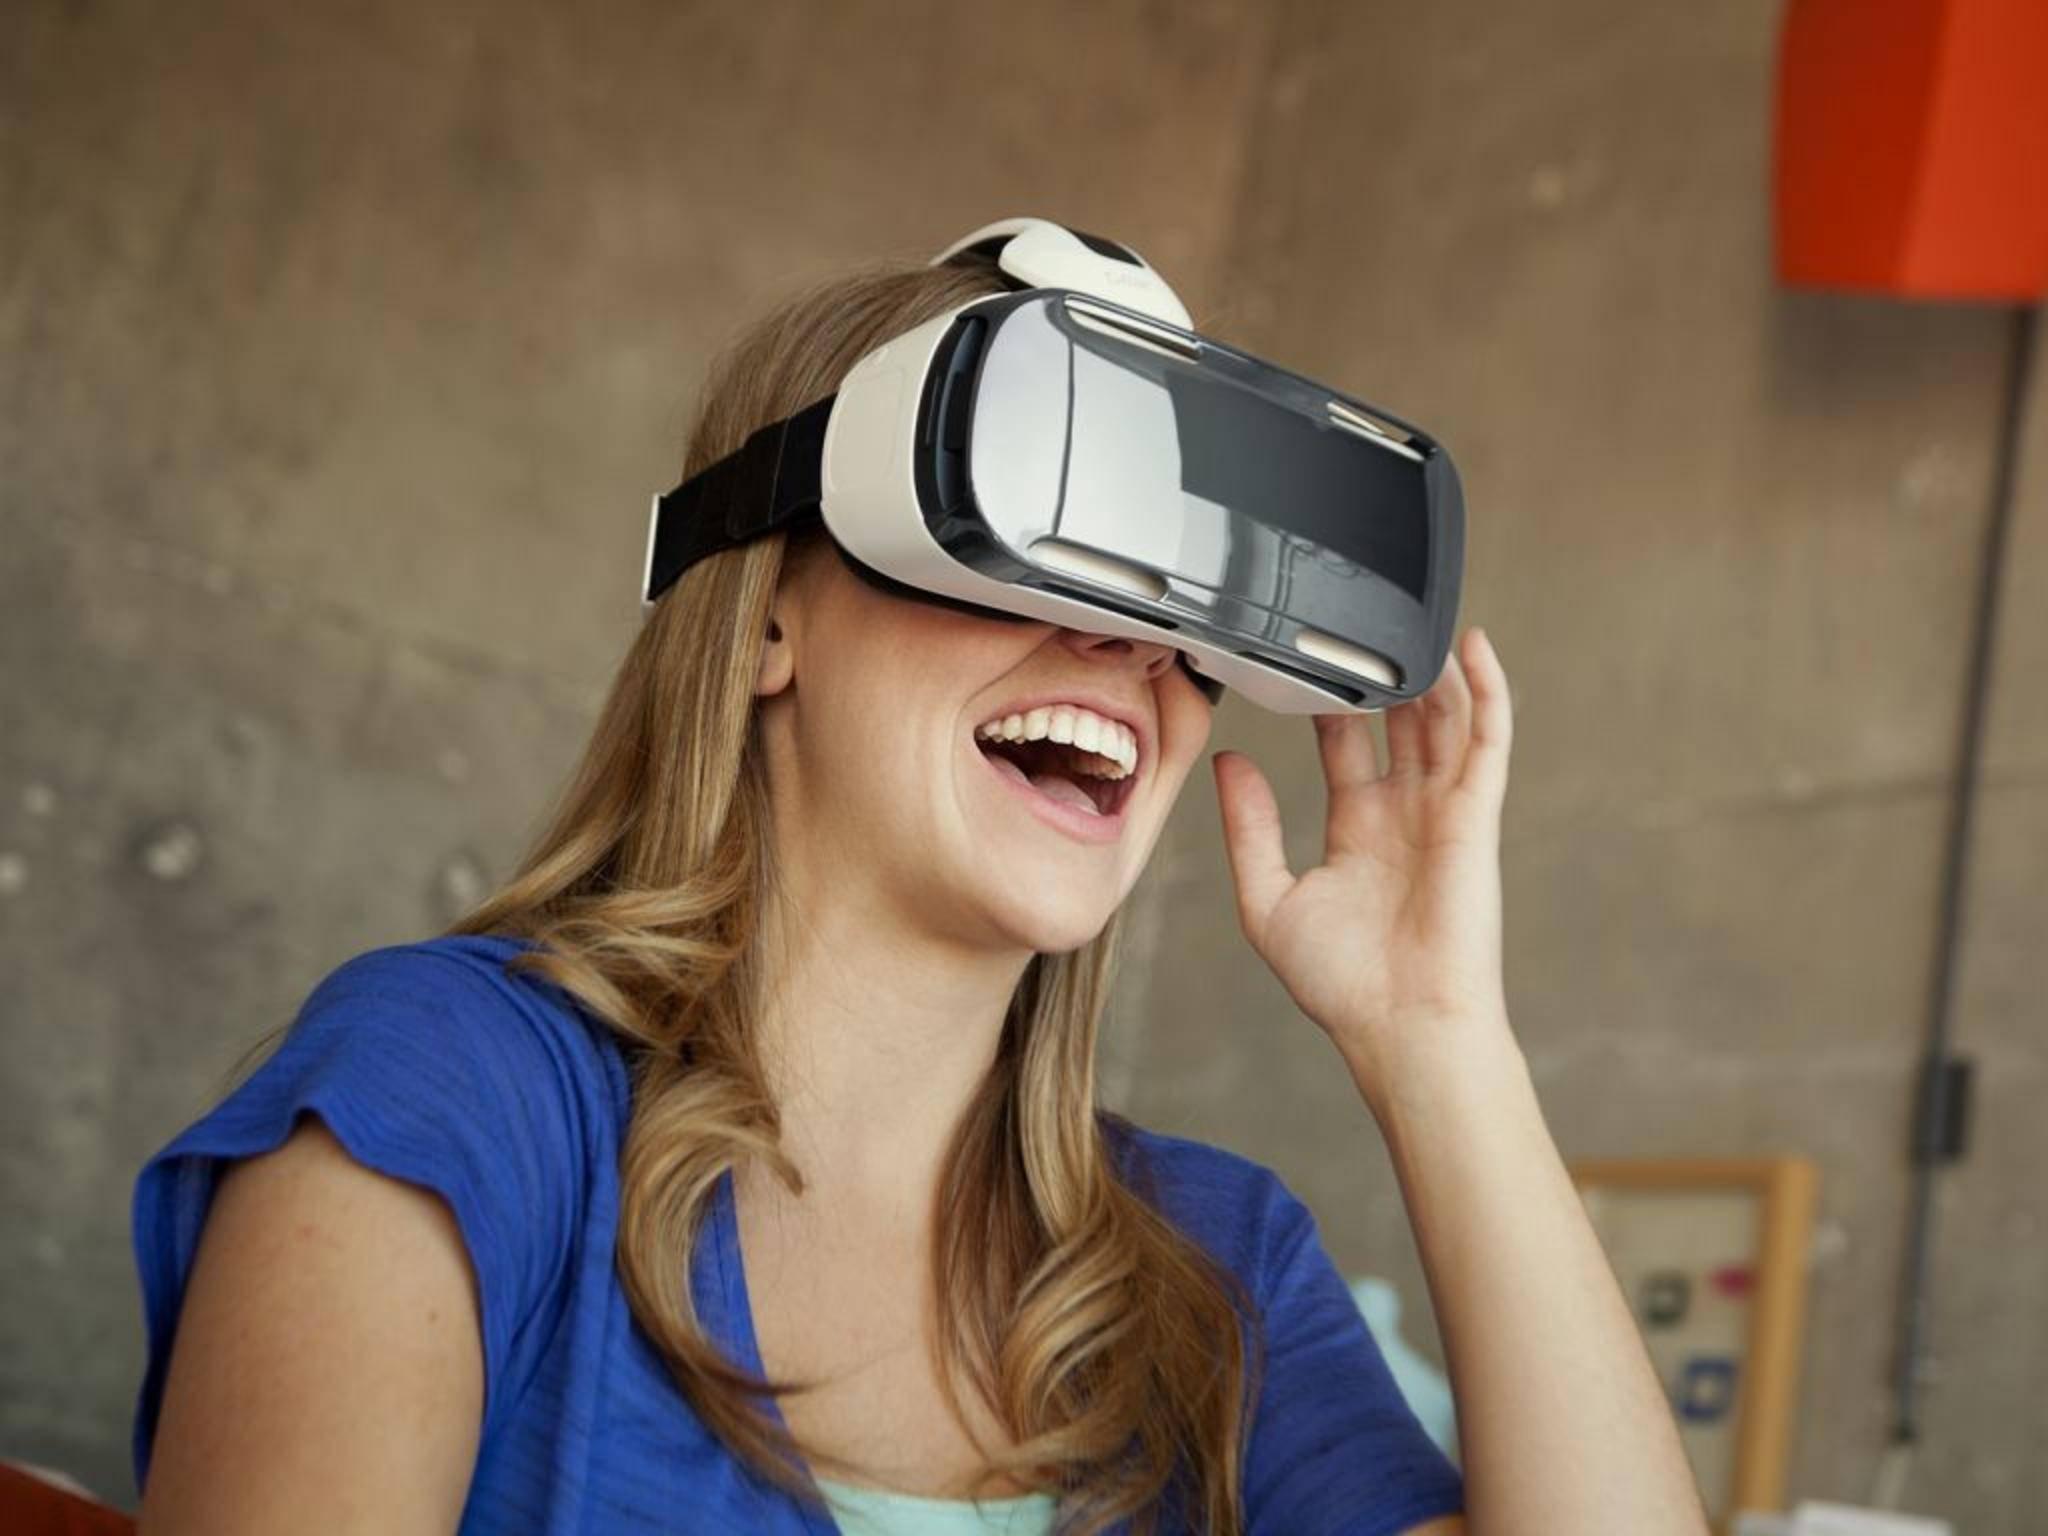 Die Samsung Gear VR soll einen eigenen Controller bekommen.